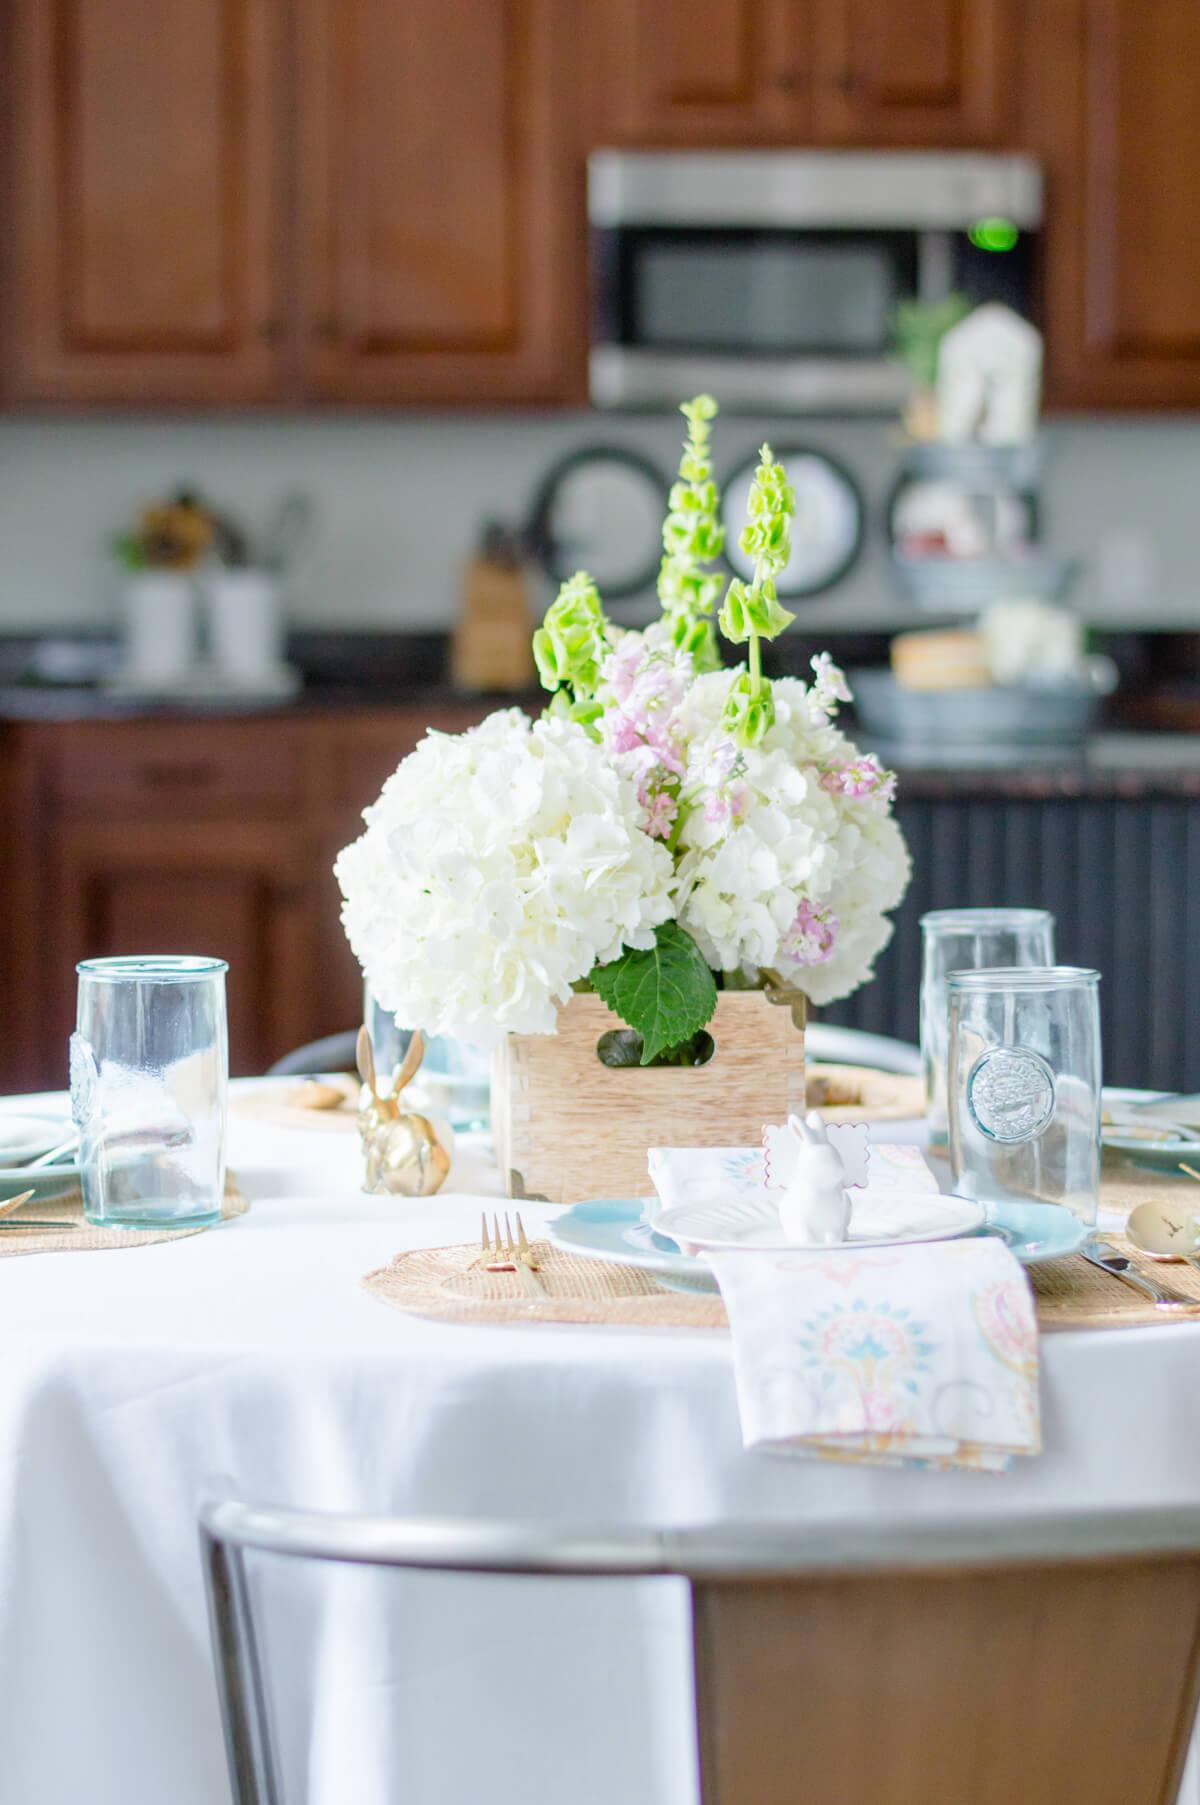 Spring flower centerpiece arrangement